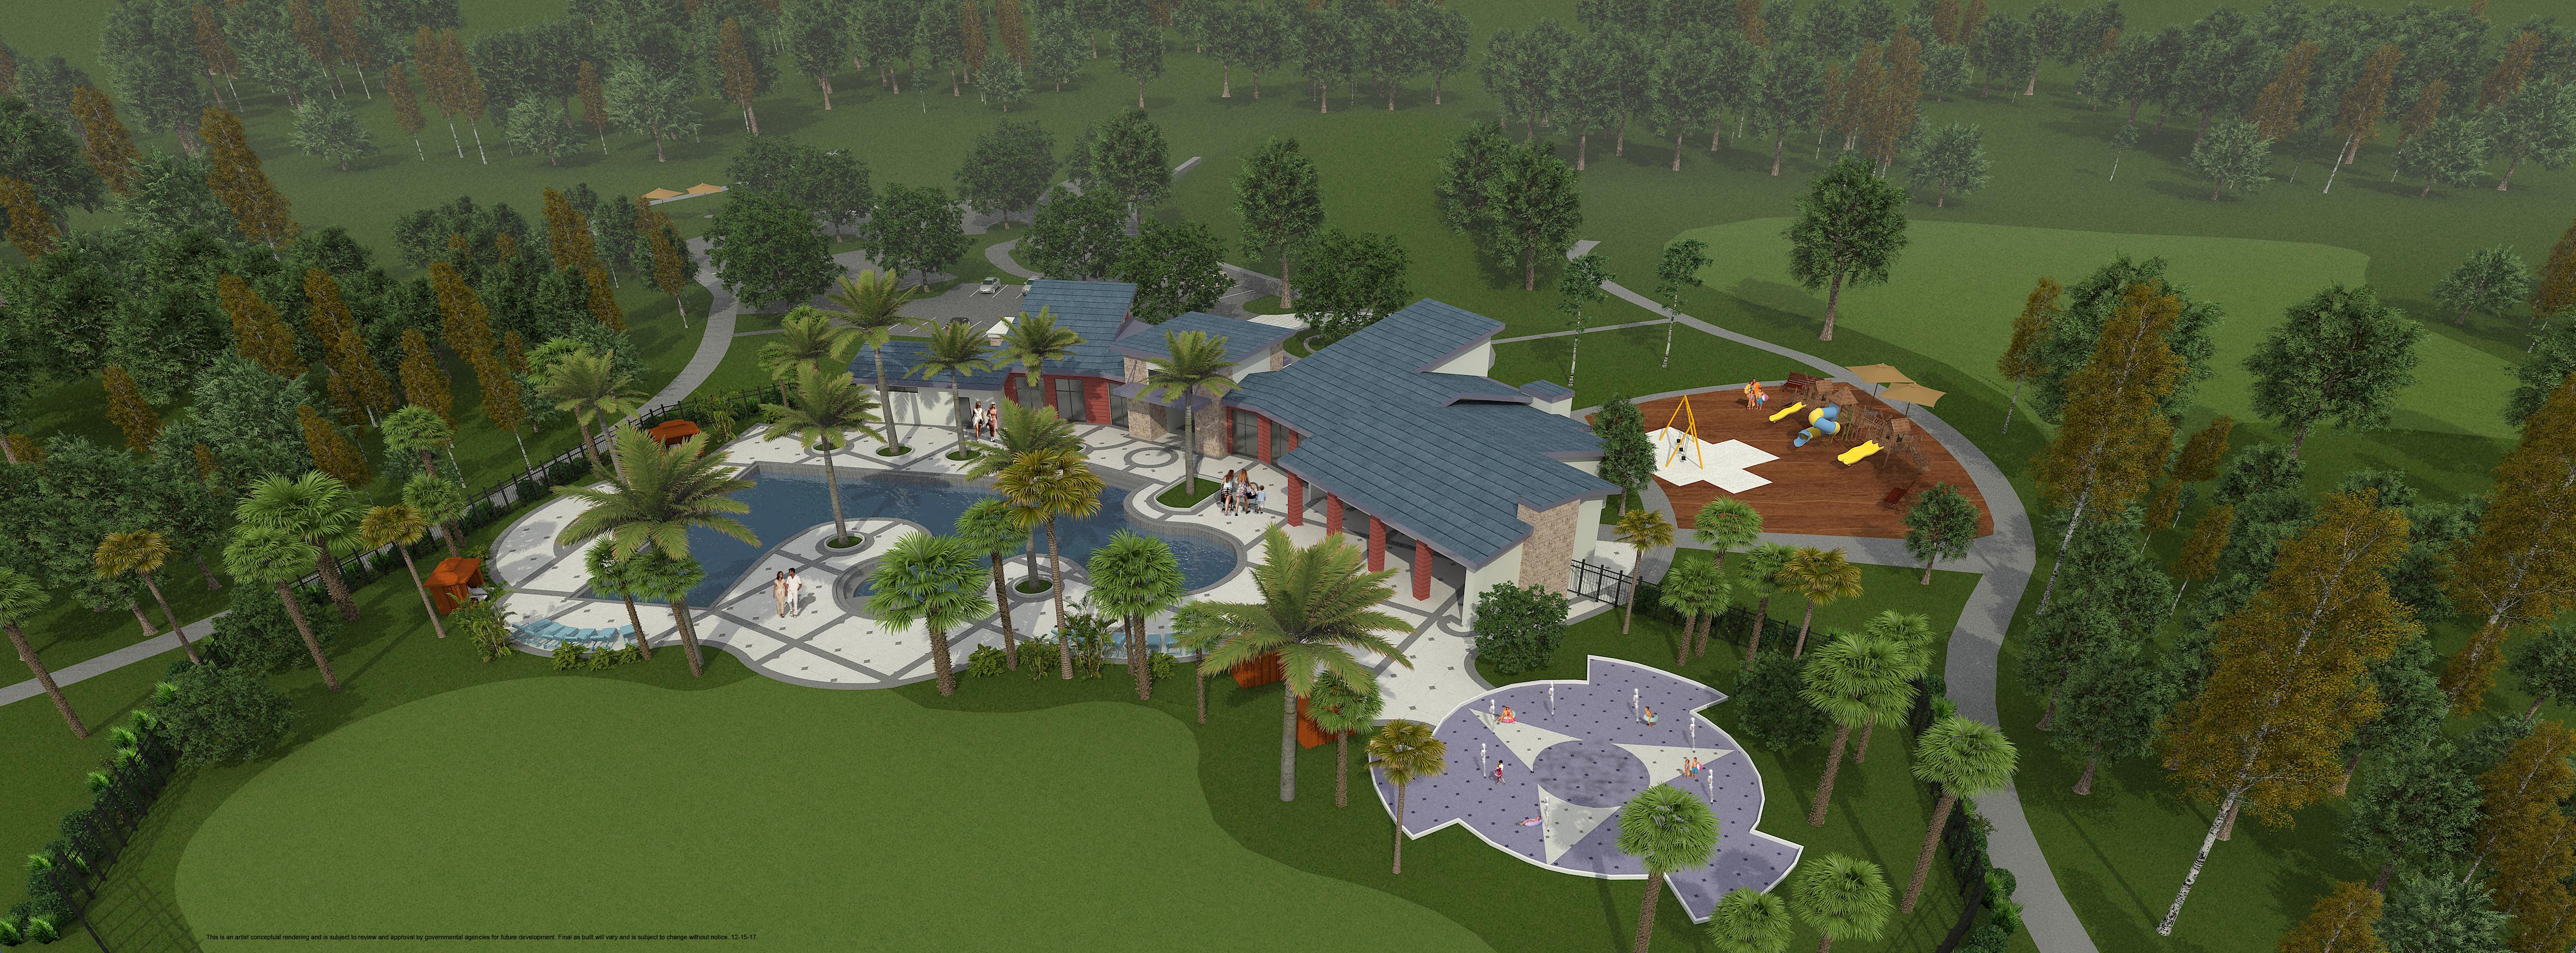 Serenoa - Amenity Center